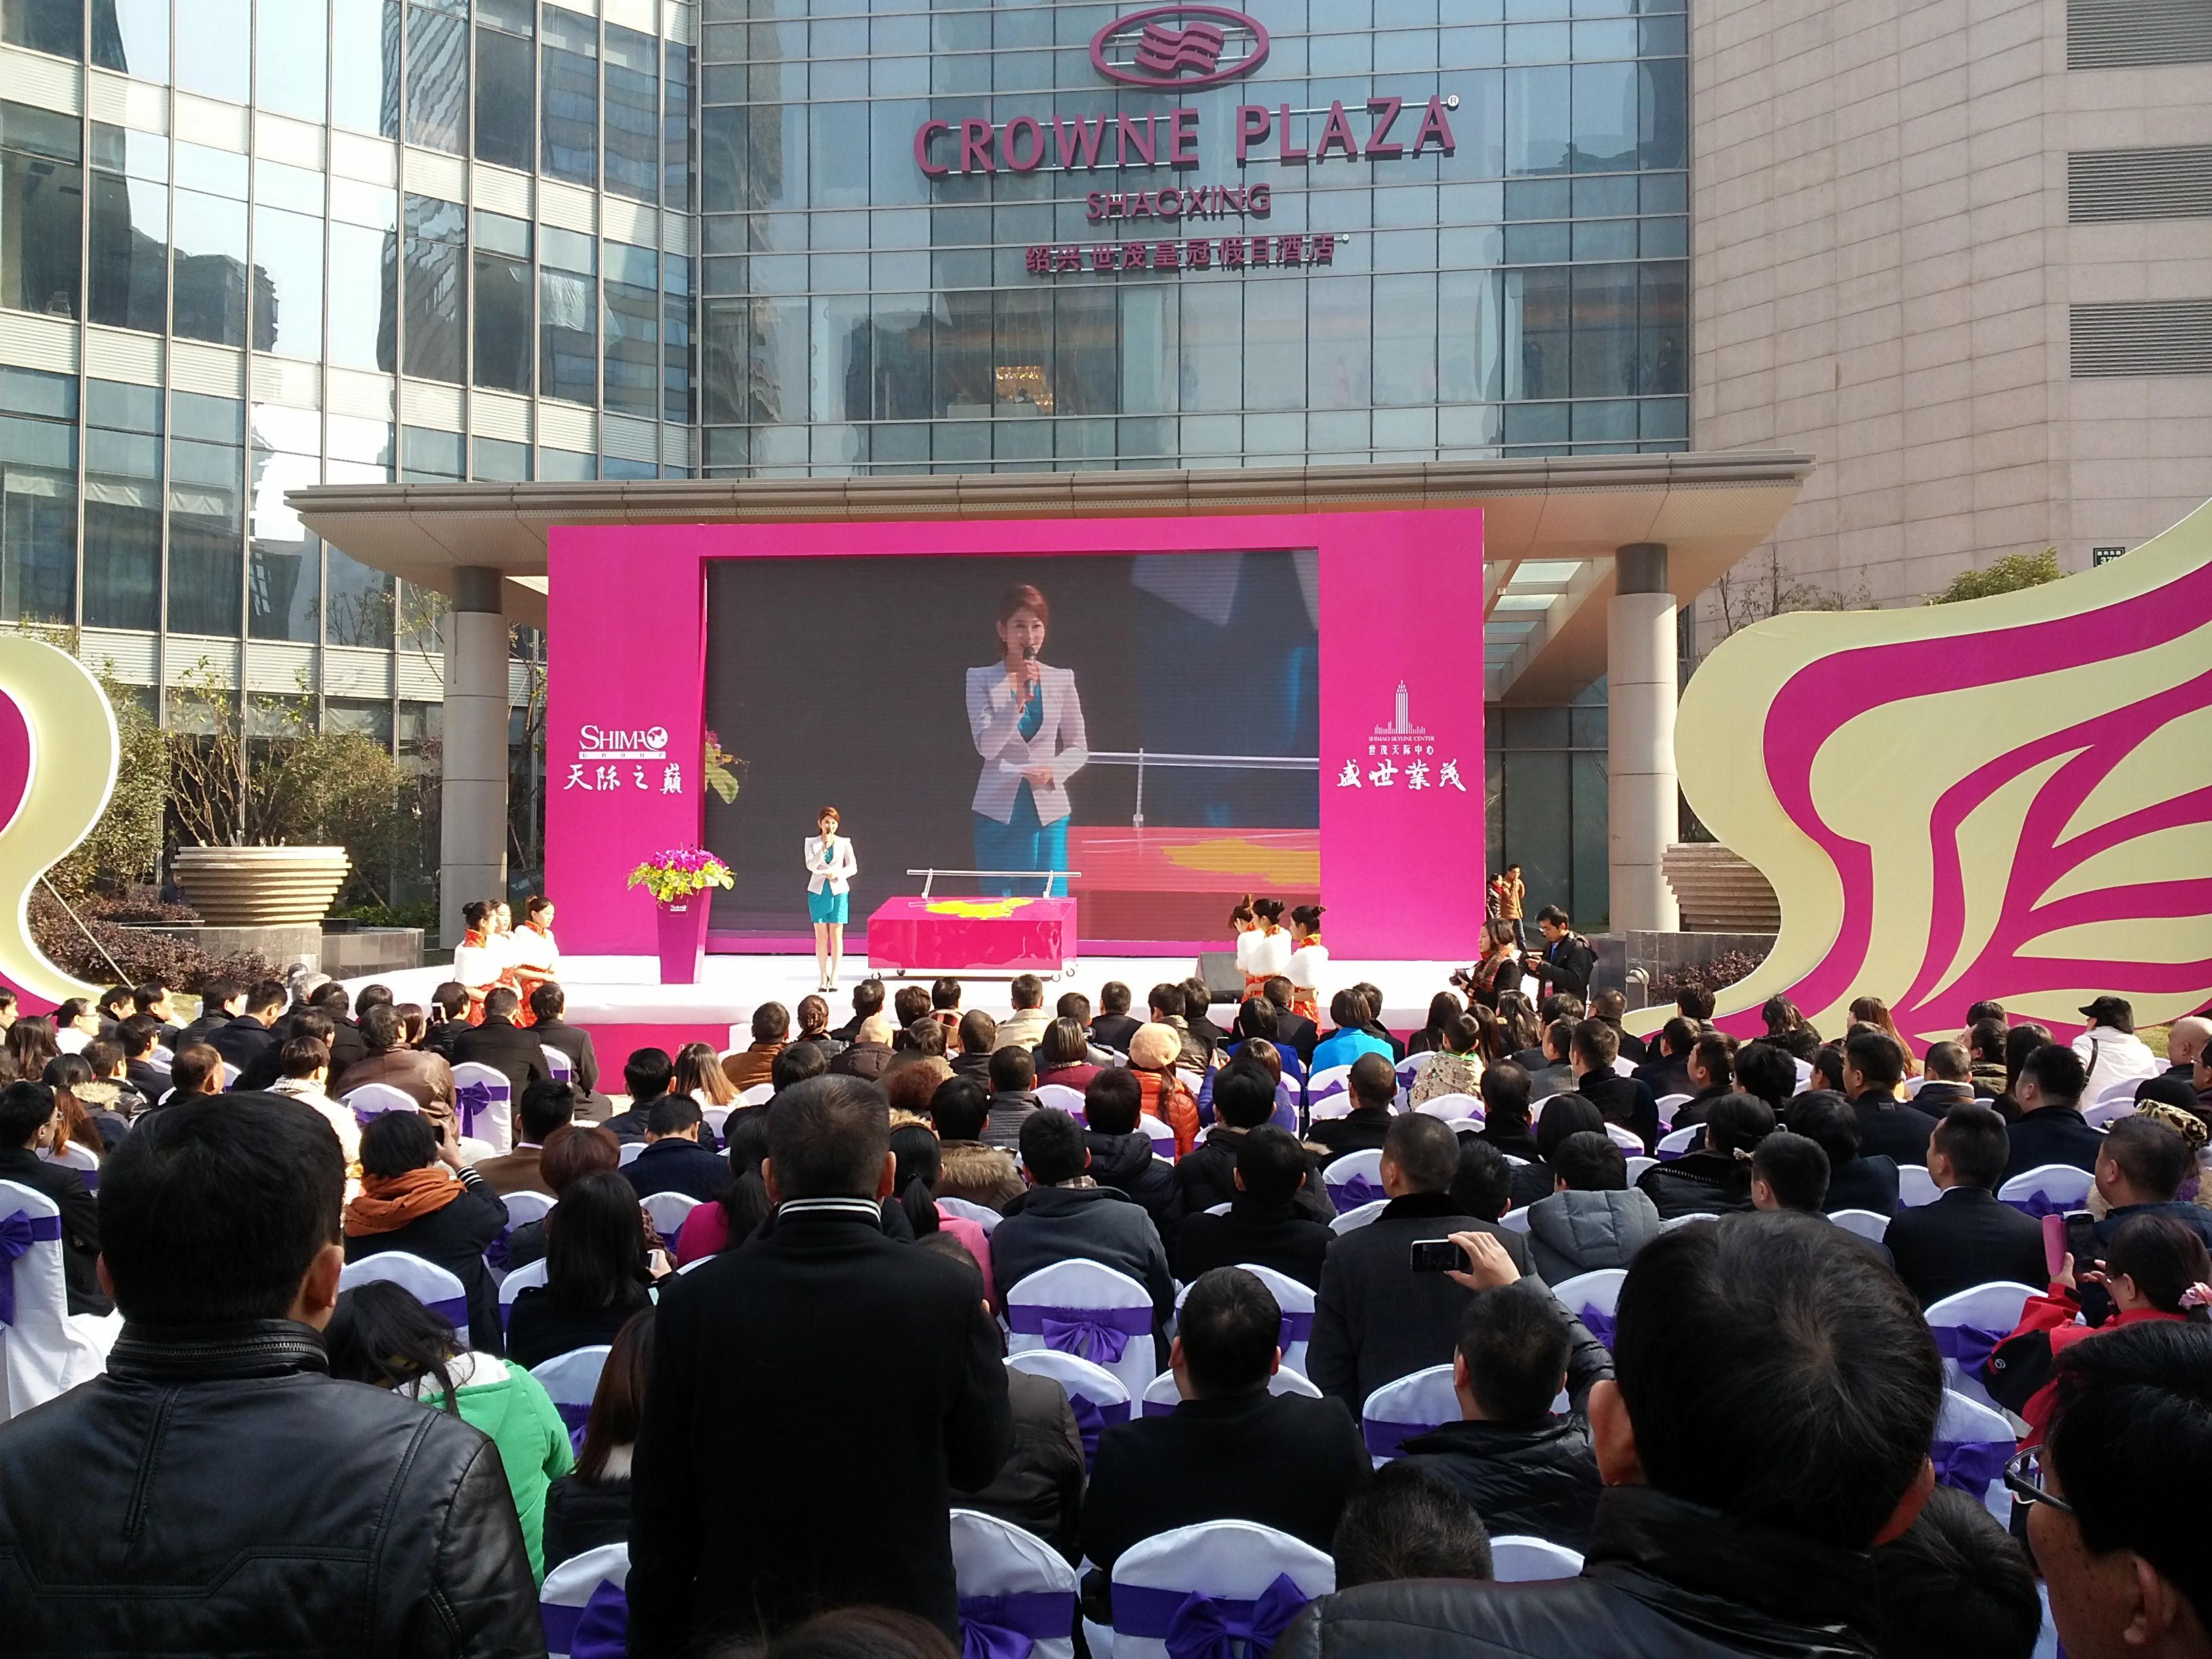 浙北第一高楼——绍兴世茂皇冠假日酒店开业庆典